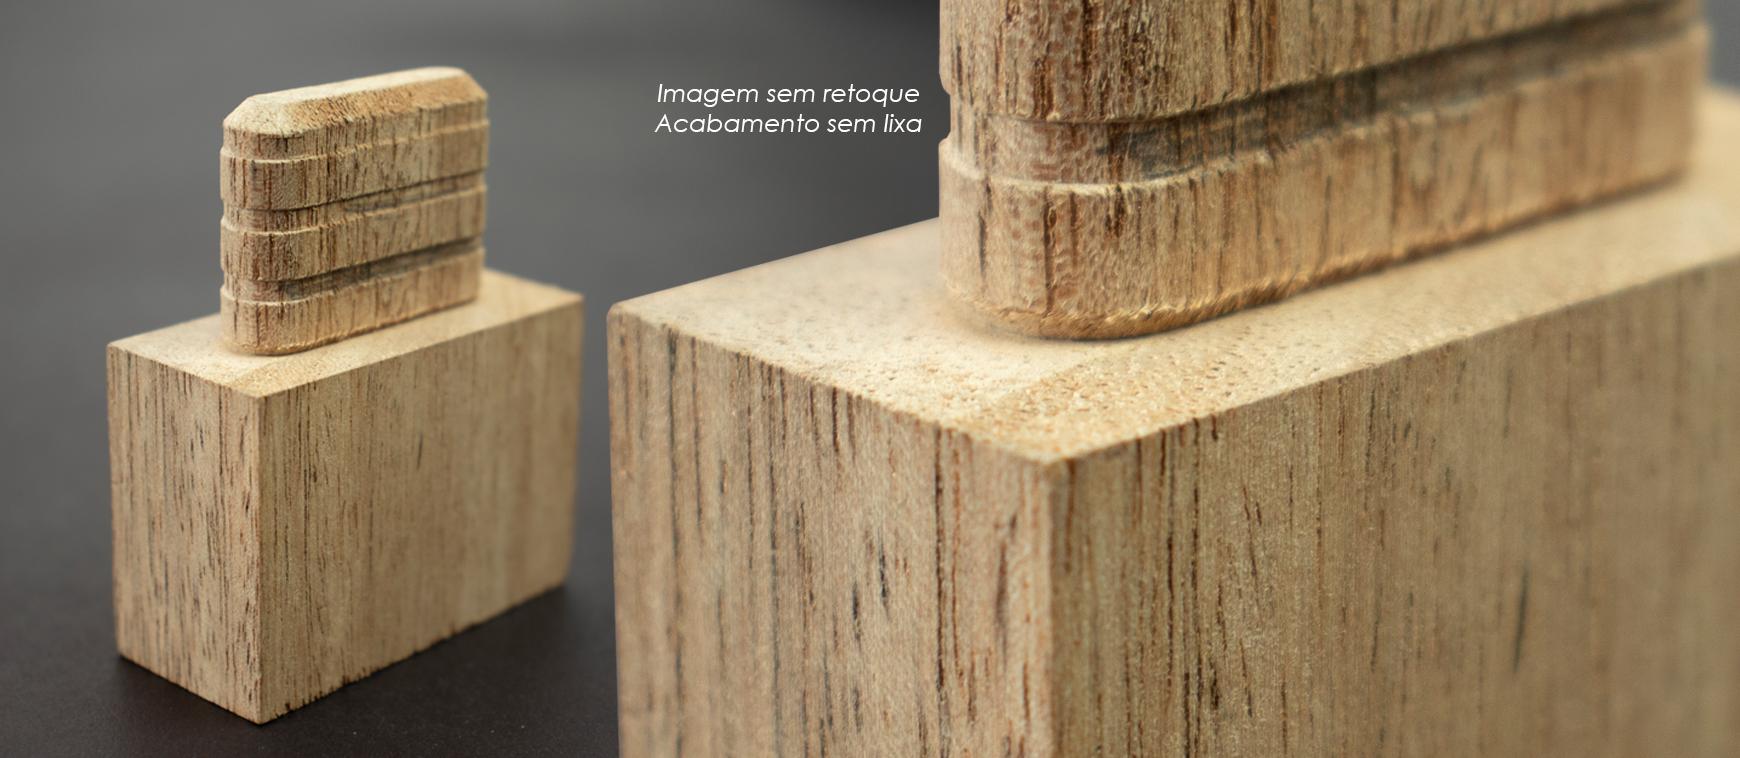 Foto - Acabamento de superfície x percepção de valor